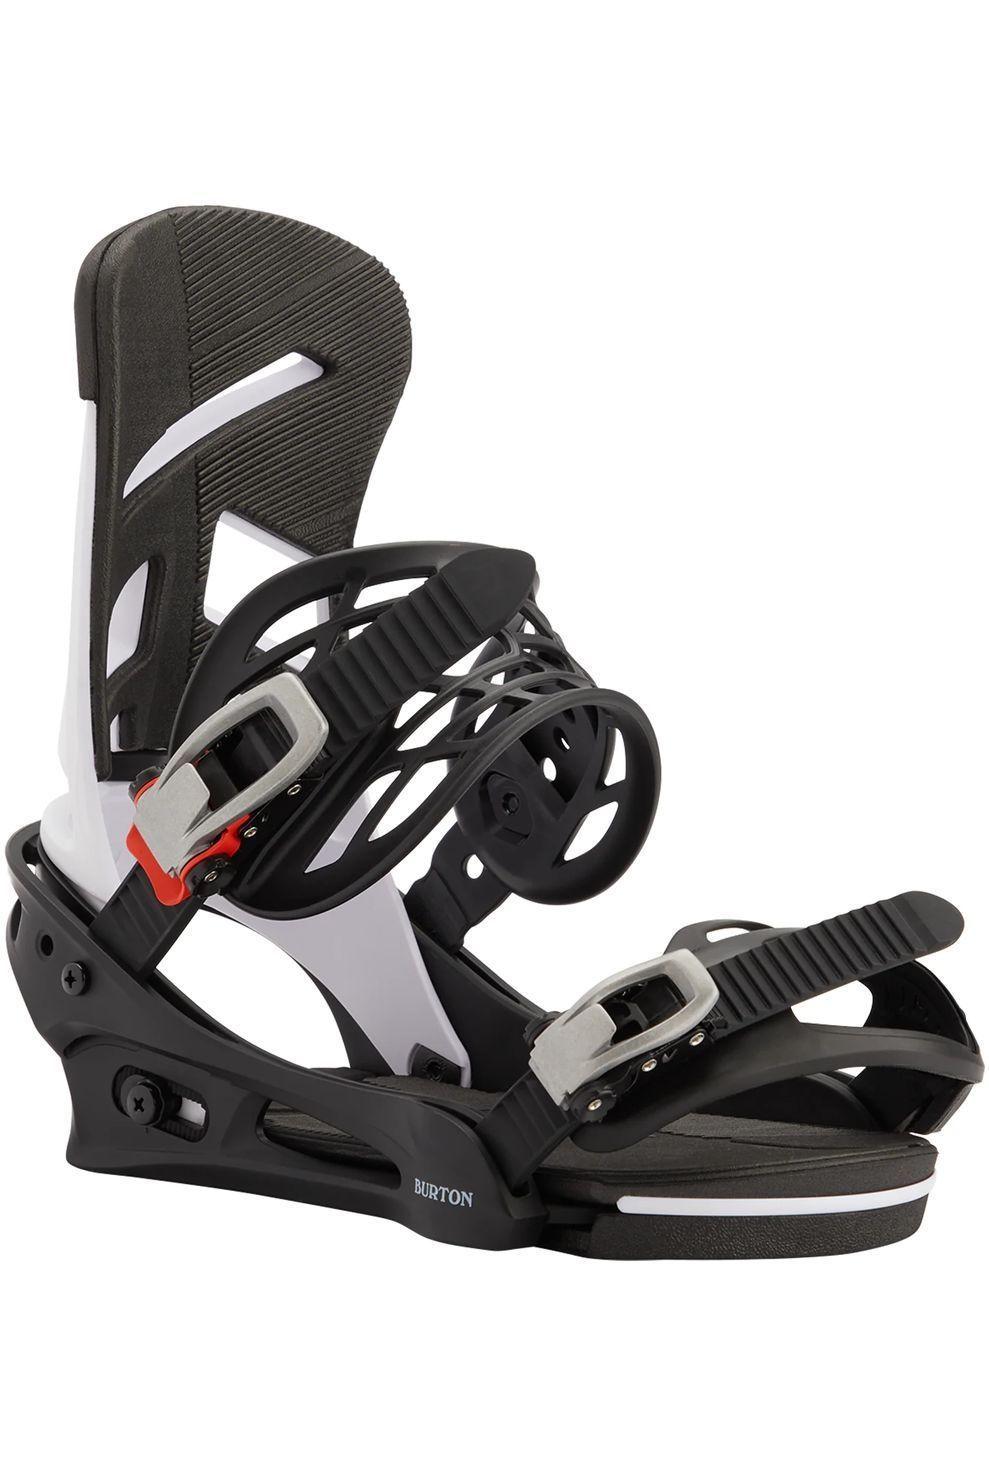 Burton Snowboardbinding Mission Reflex - Zwart/Wit - Maten: M, L